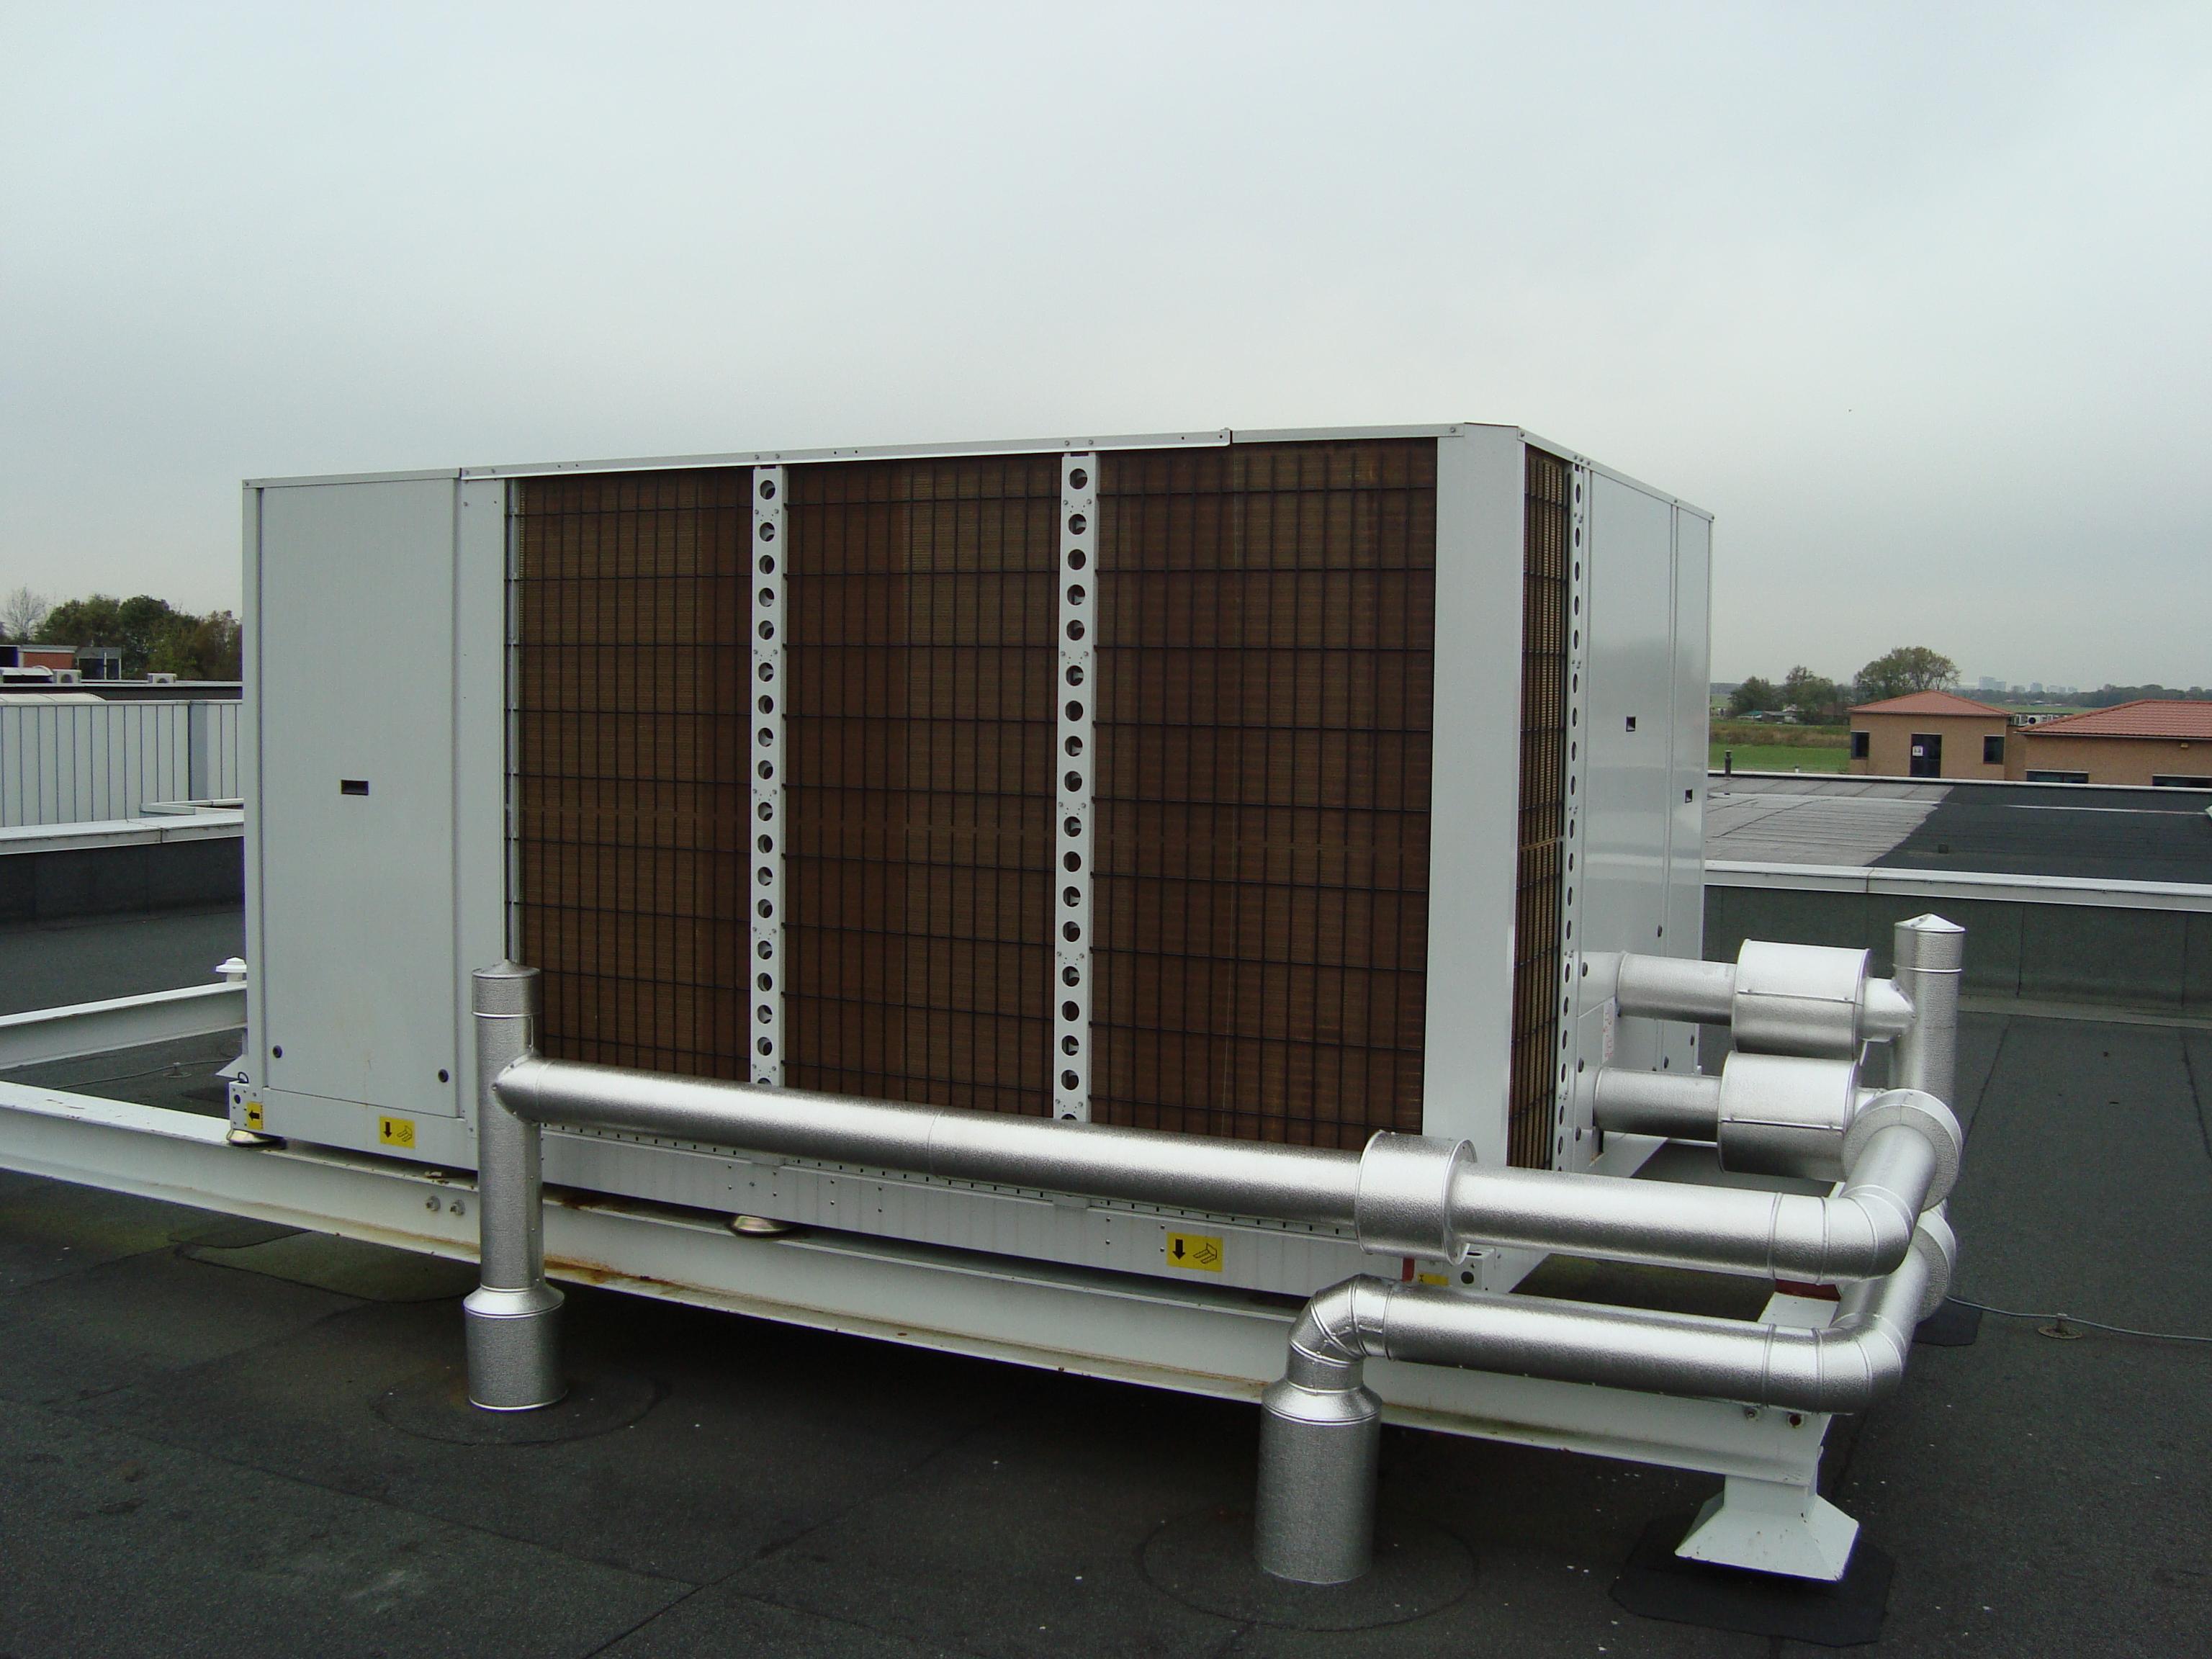 Unitherm klimaattechniek producten koelmachines